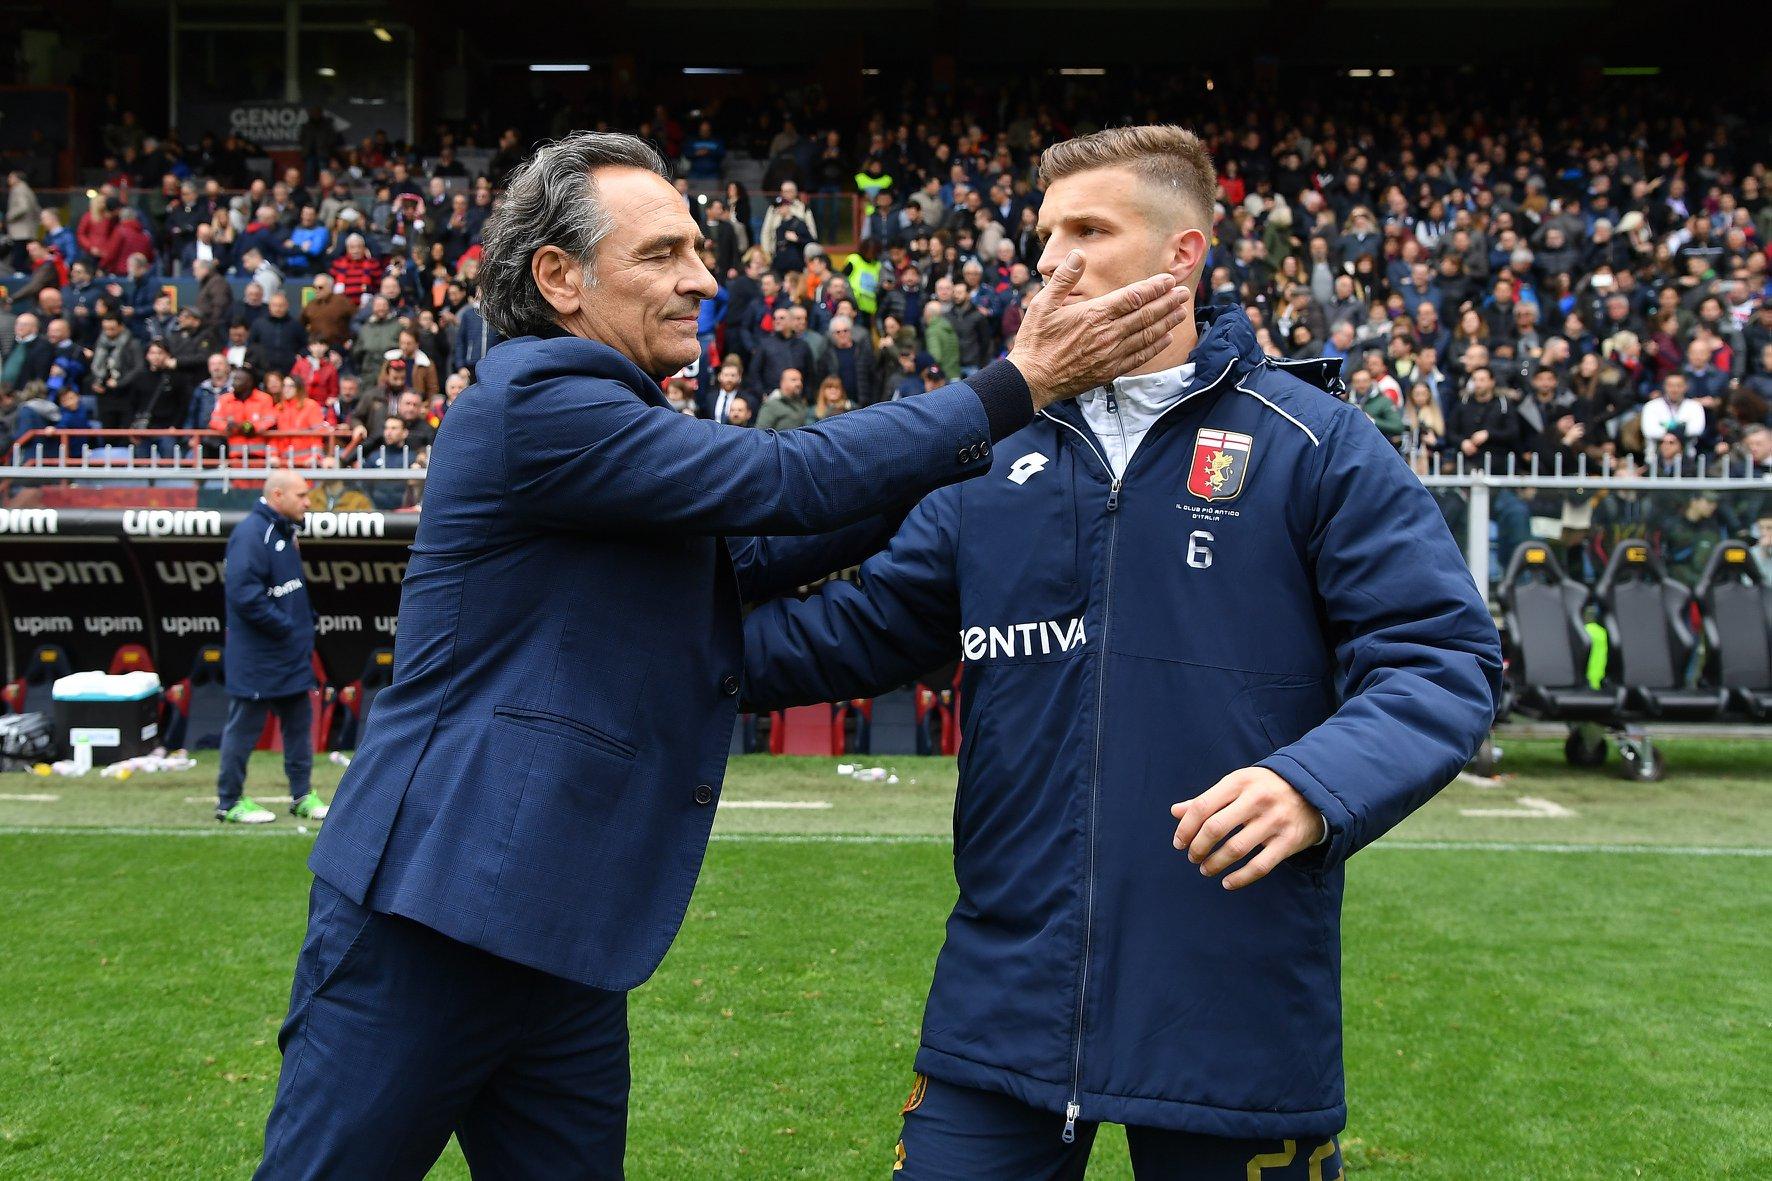 Genoa-Cagliari 1-1, la salvezza non è ancora assicurata